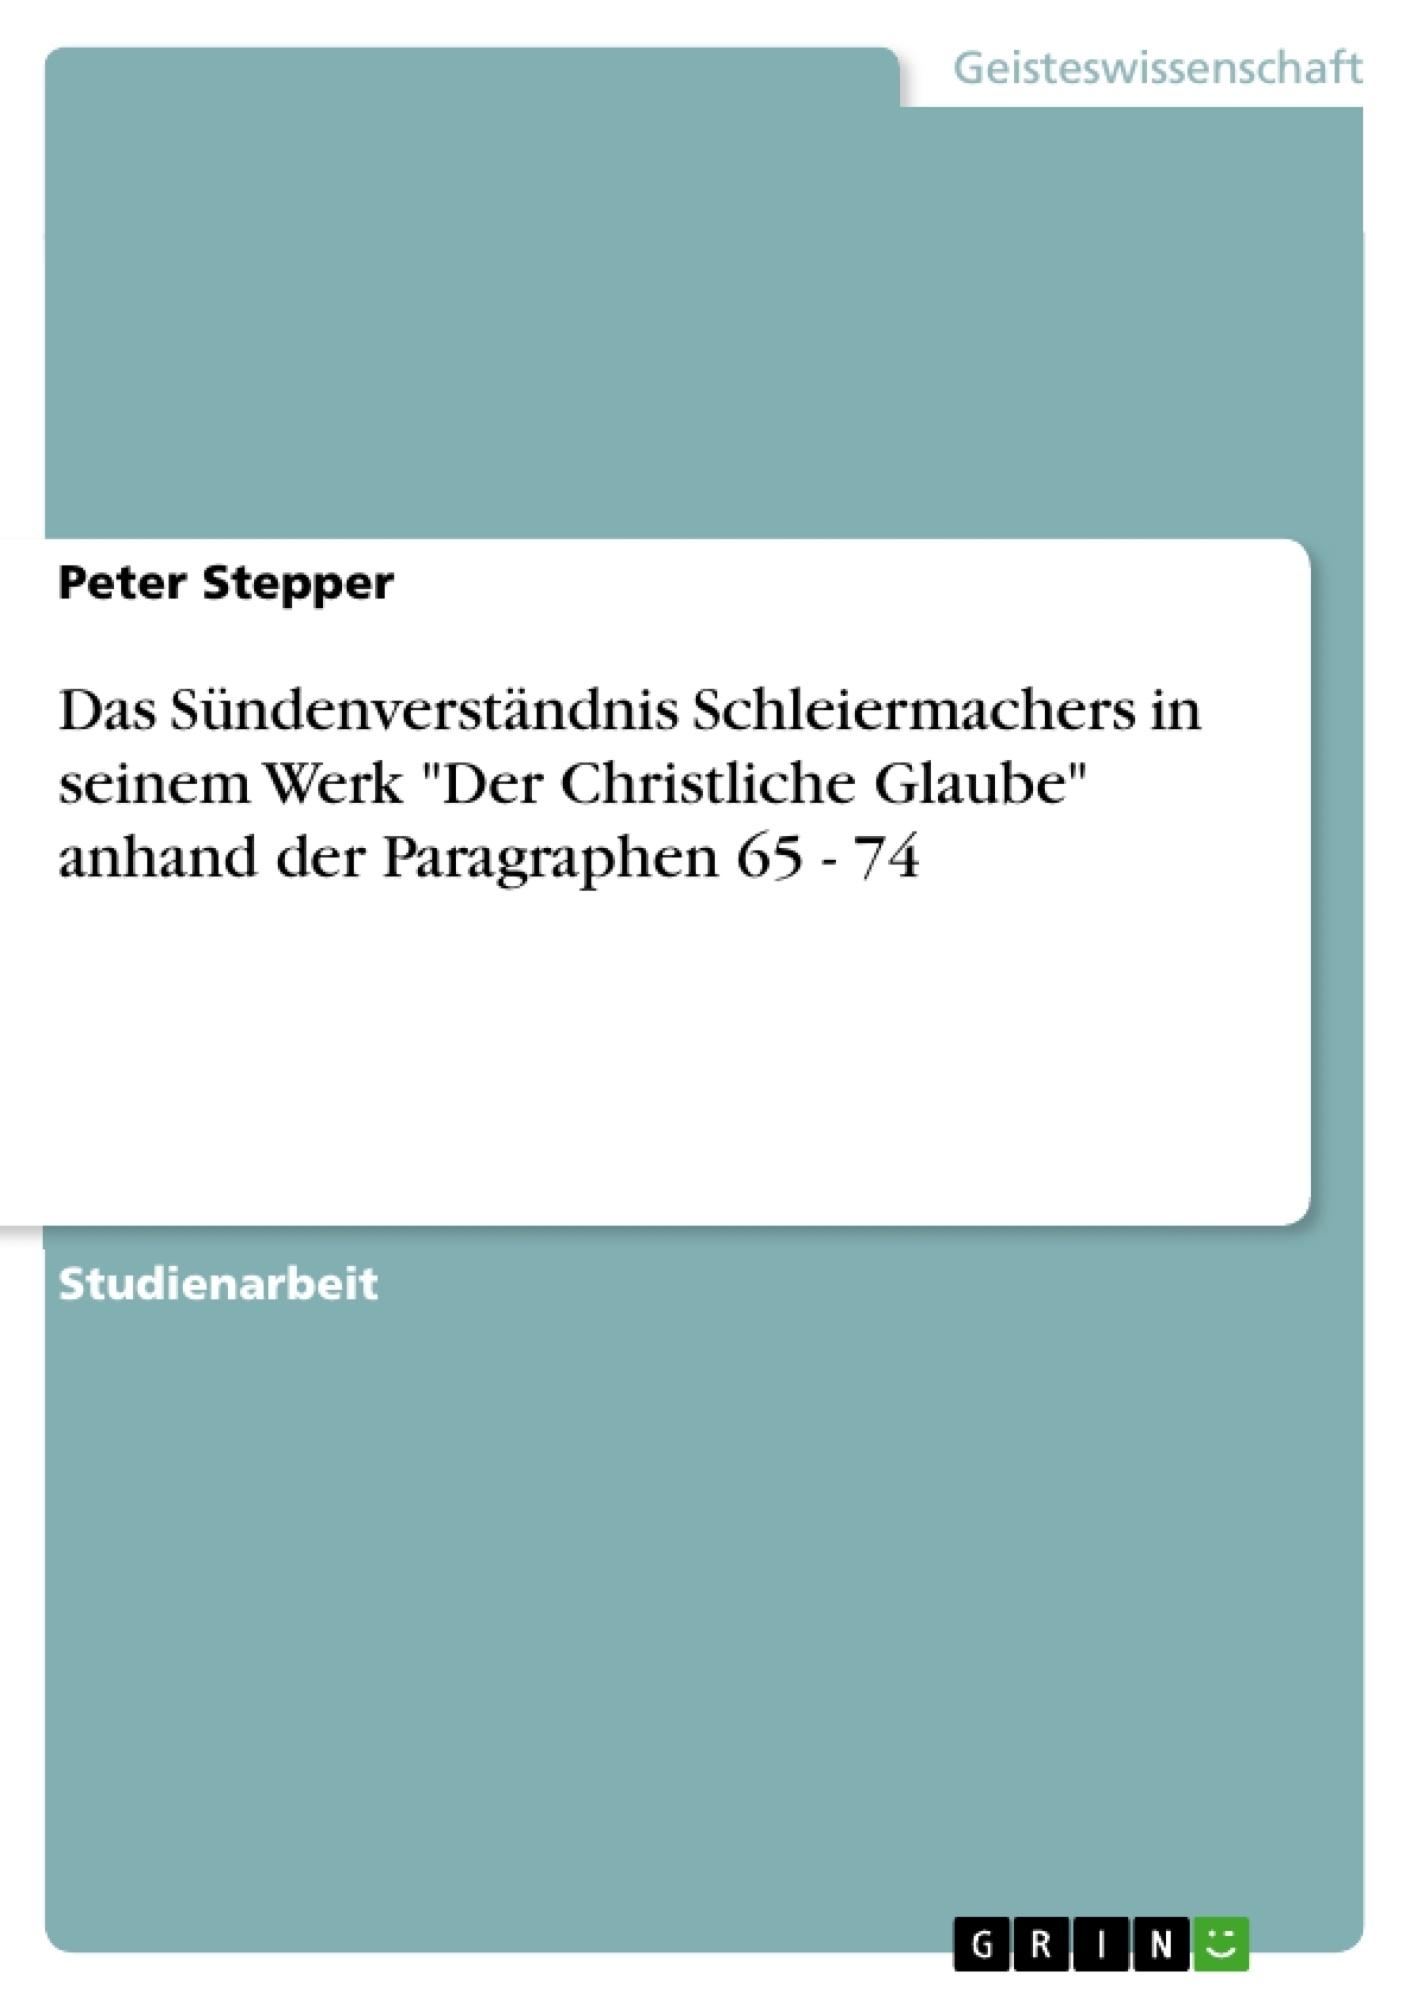 """Titel: Das Sündenverständnis Schleiermachers in seinem Werk """"Der Christliche Glaube"""" anhand der Paragraphen 65 - 74"""